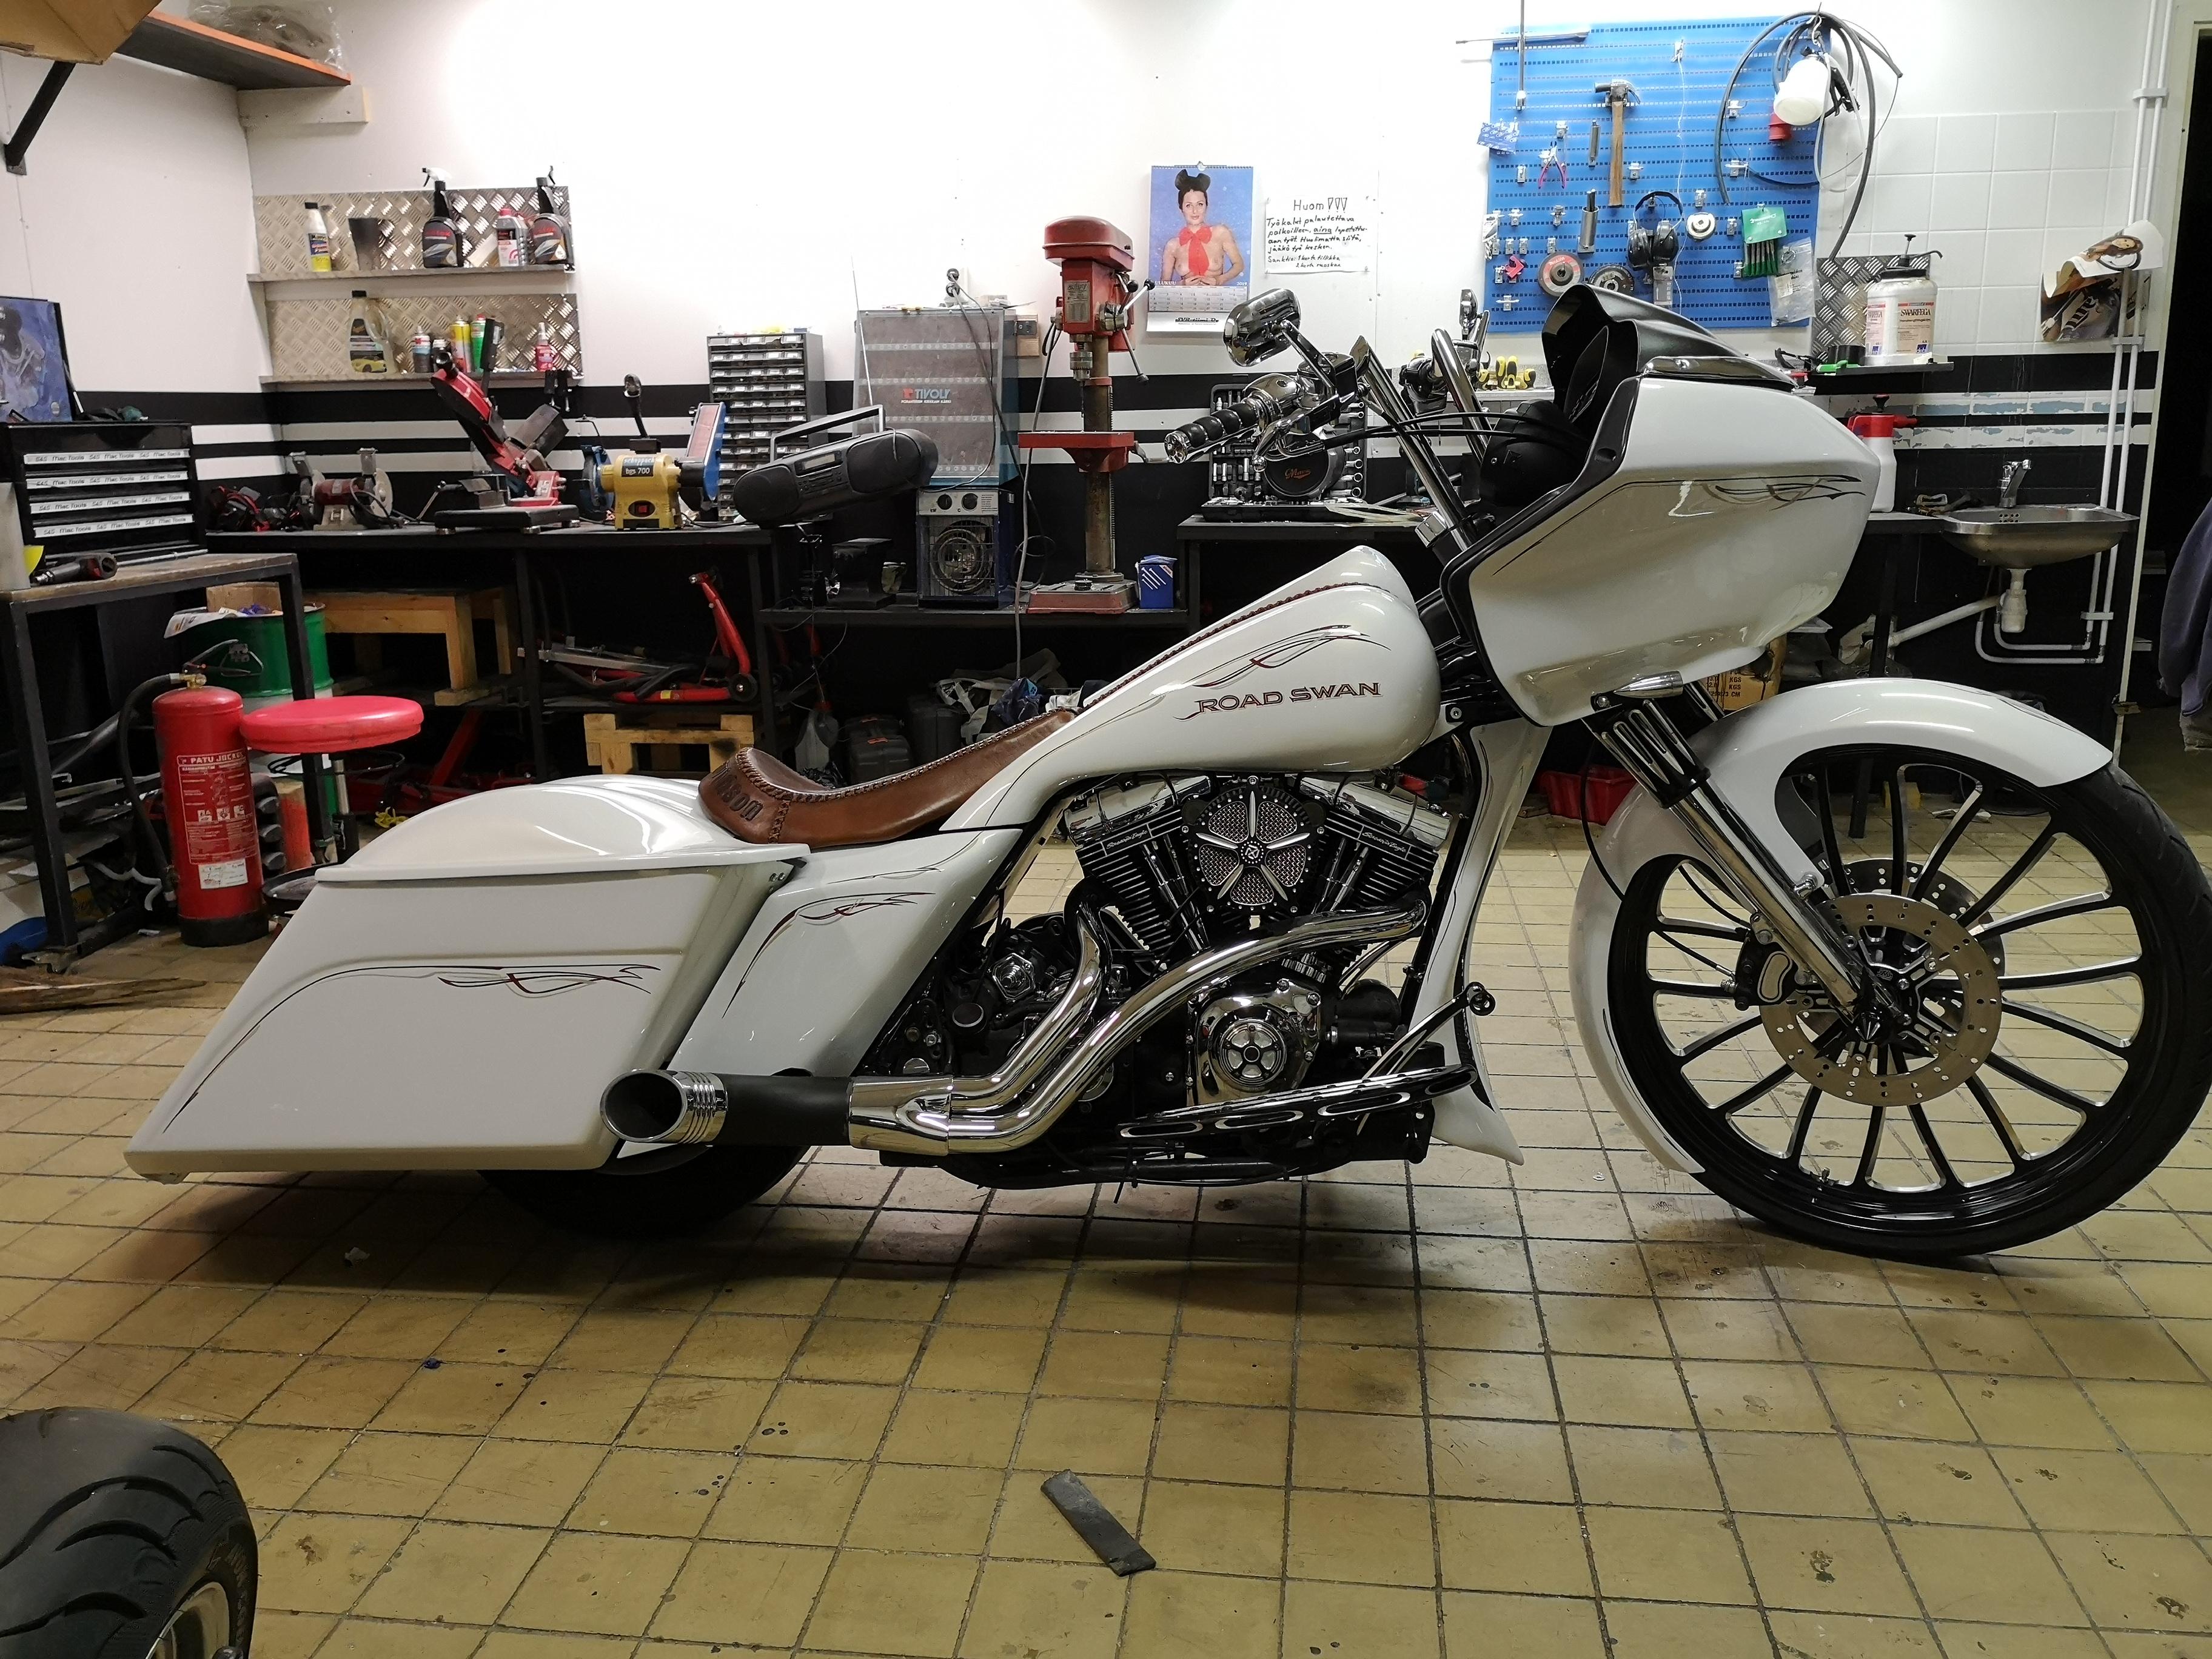 Road Swan Harley